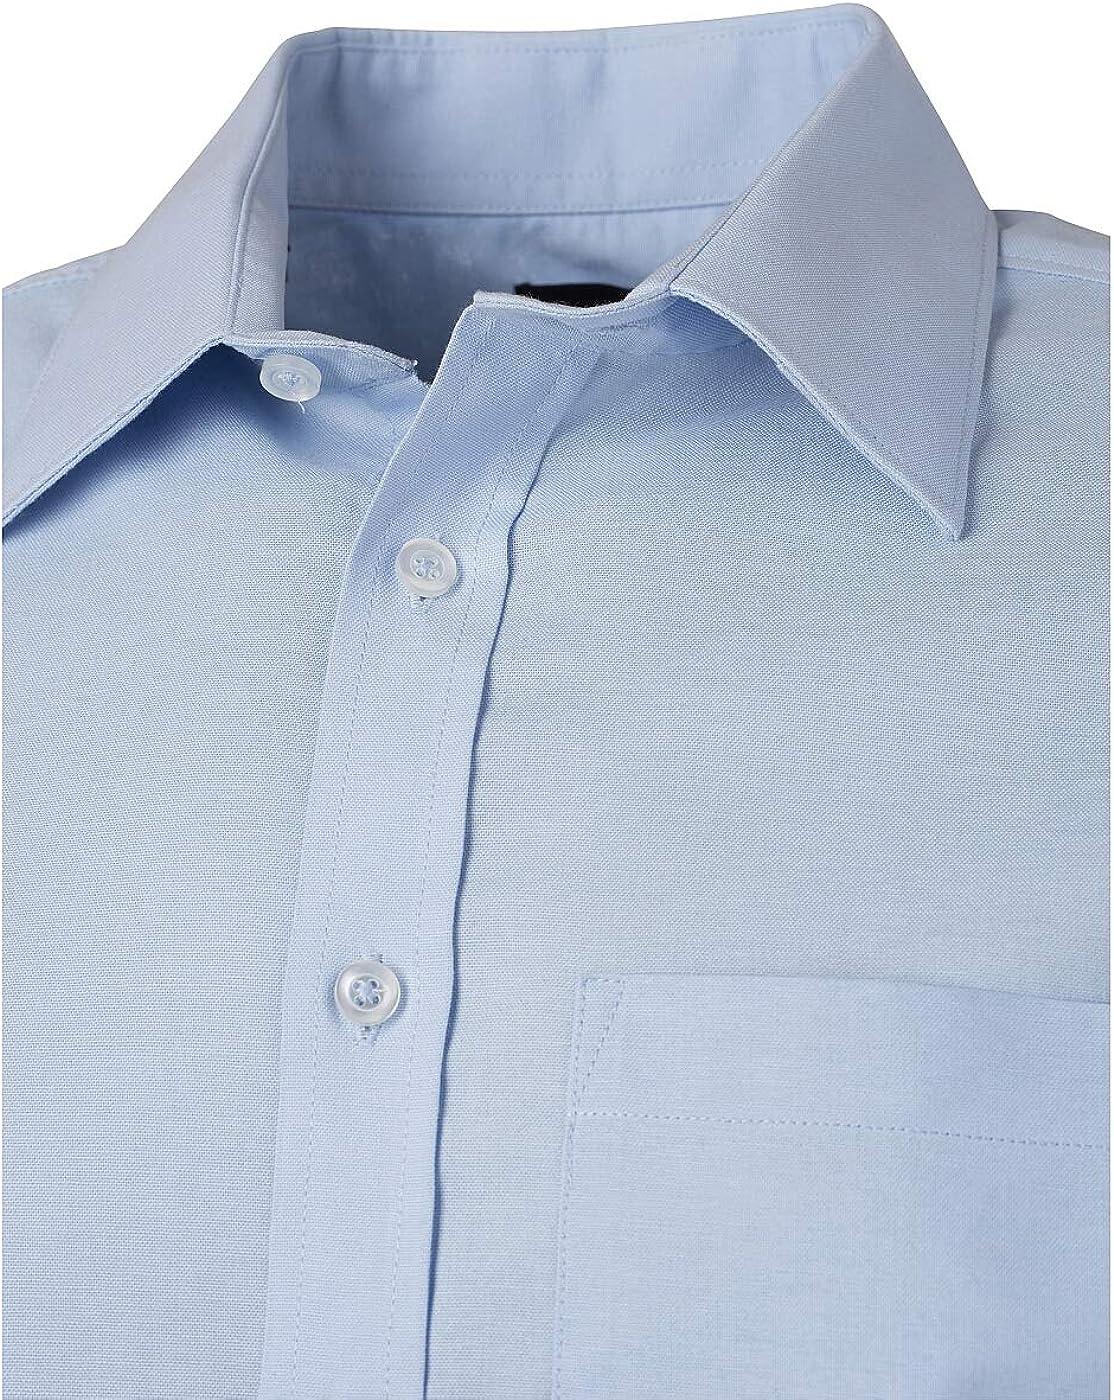 Ladies` Promo Softshell Jacket Light-blue